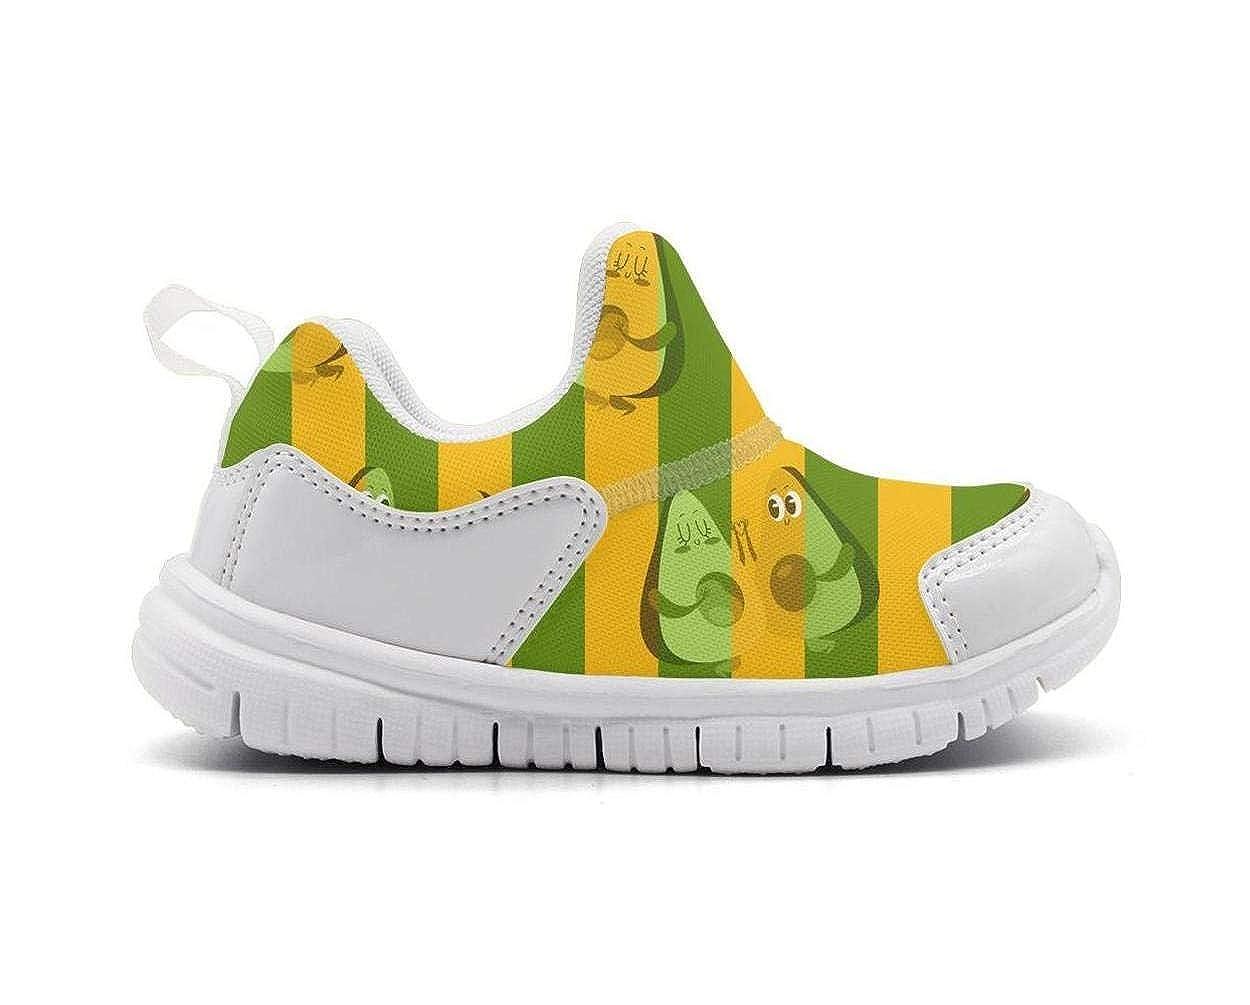 Babys Avocado heart Logo Outdoor Lightweight Mesh Sneakers Running Shoe